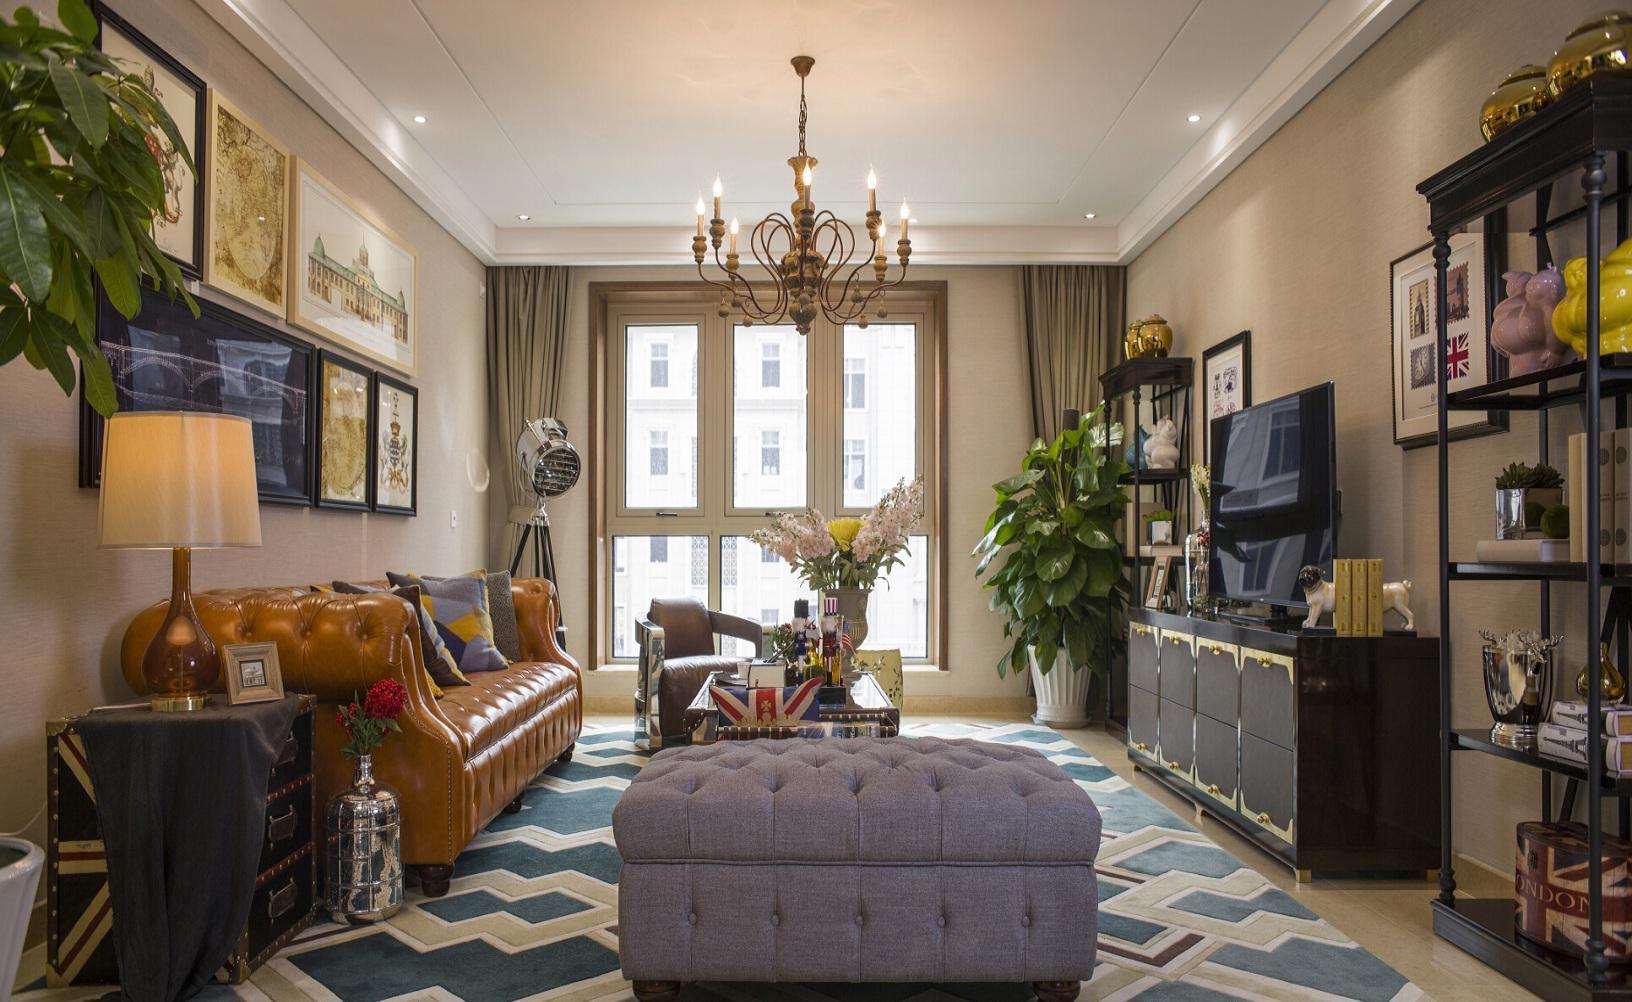 经典美式风格家装客厅吊灯装饰借鉴图